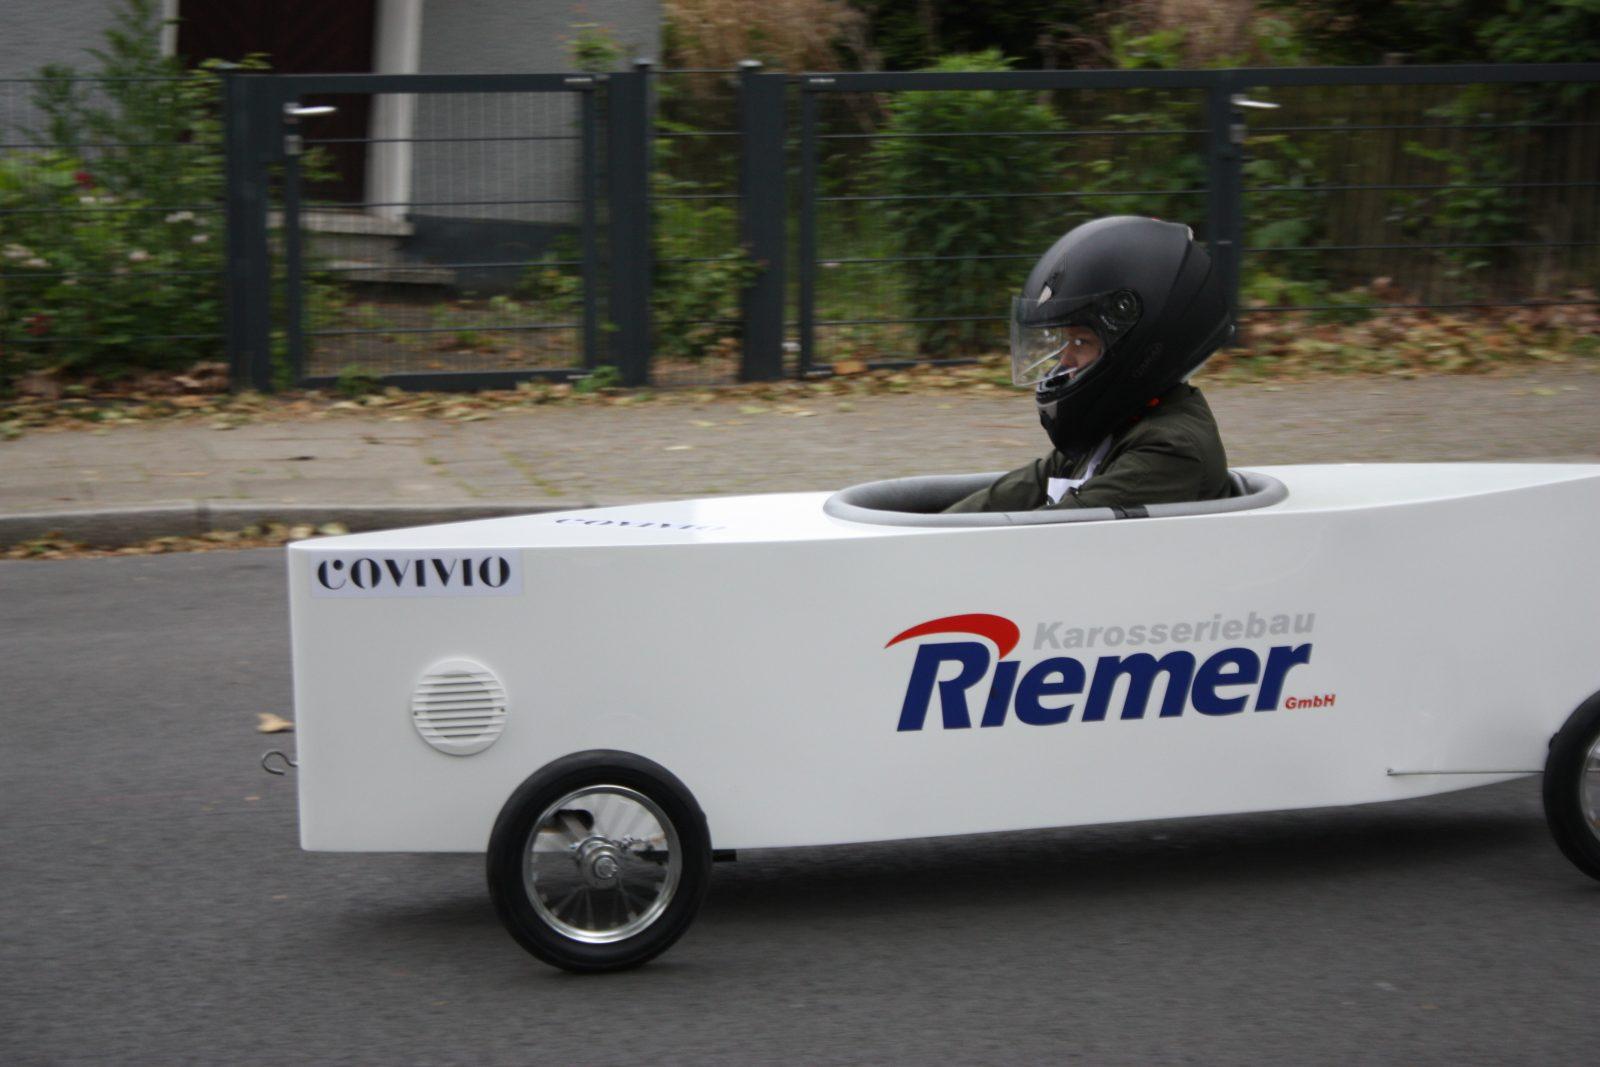 Covivio sponsert Seifenkistenrennen